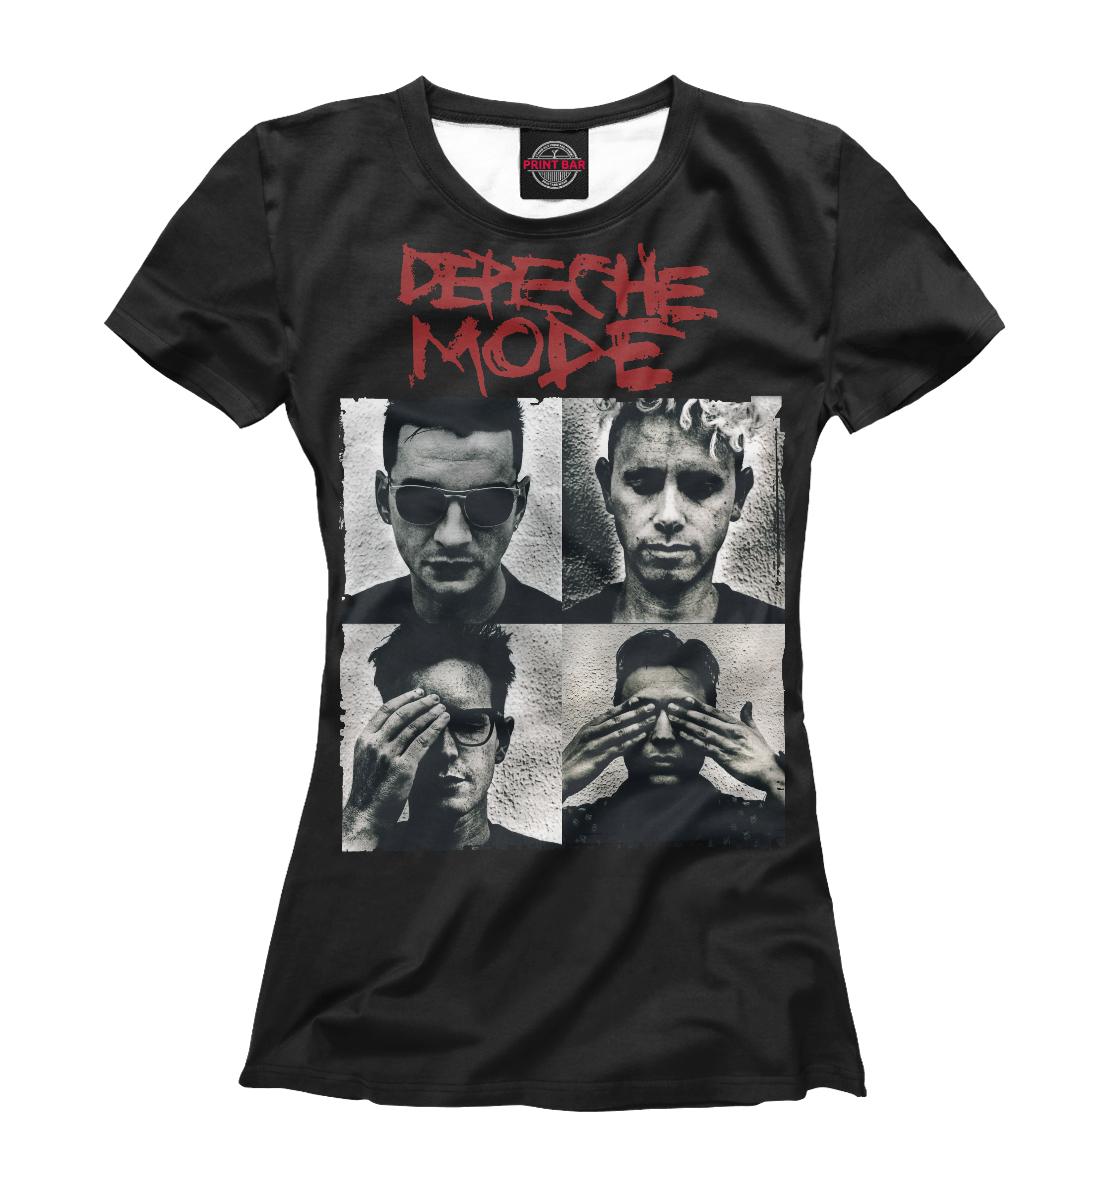 Купить Depeche Mode, Printbar, Футболки, DPM-306740-fut-1